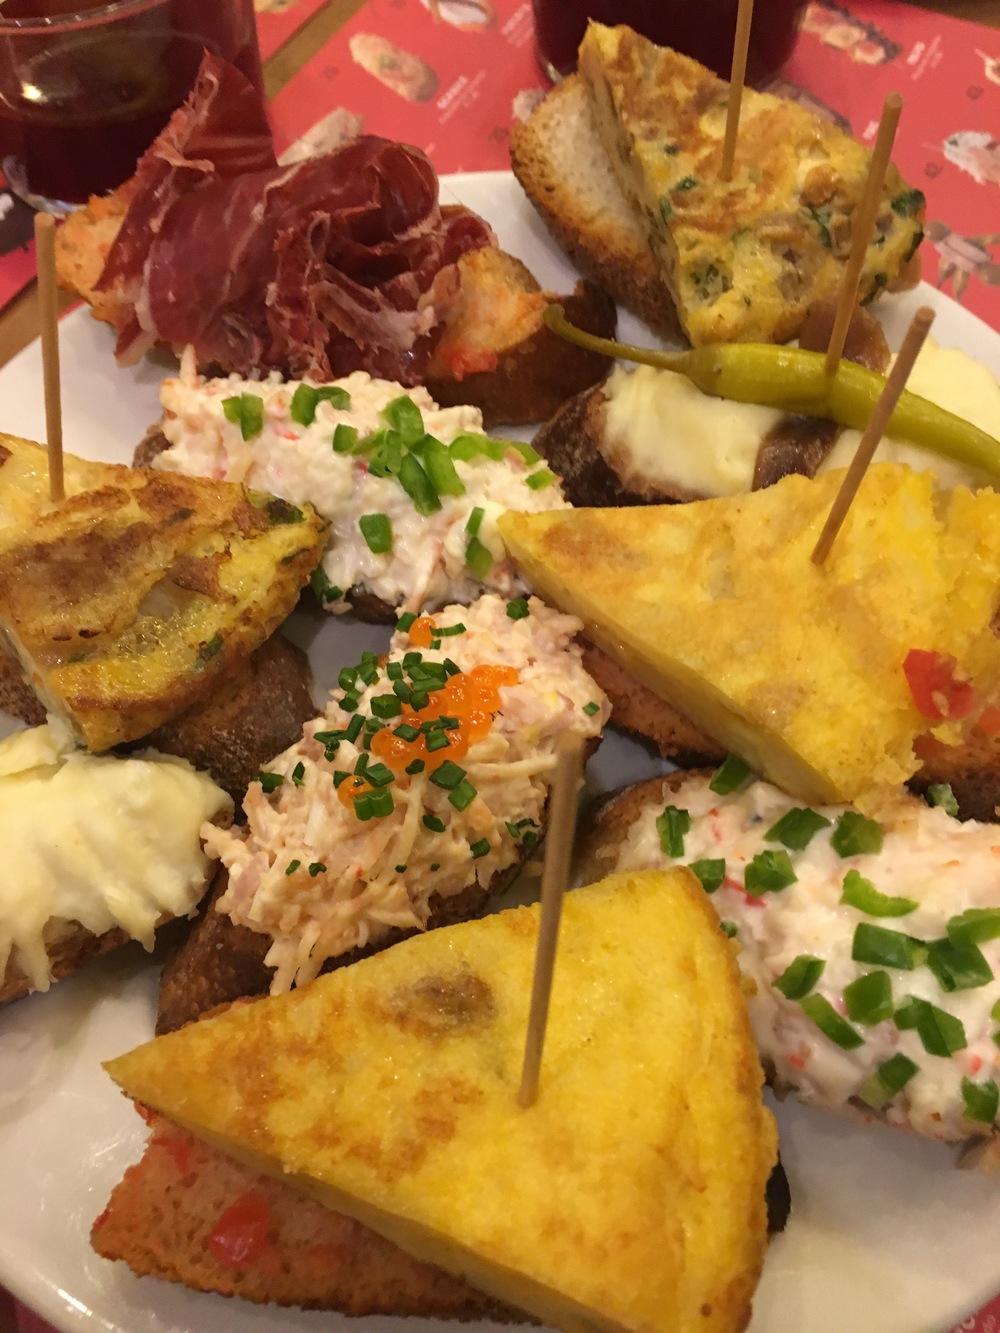 Todas las tapas: las potatas, el cangrejo, el jamon, la tortilla, etc.